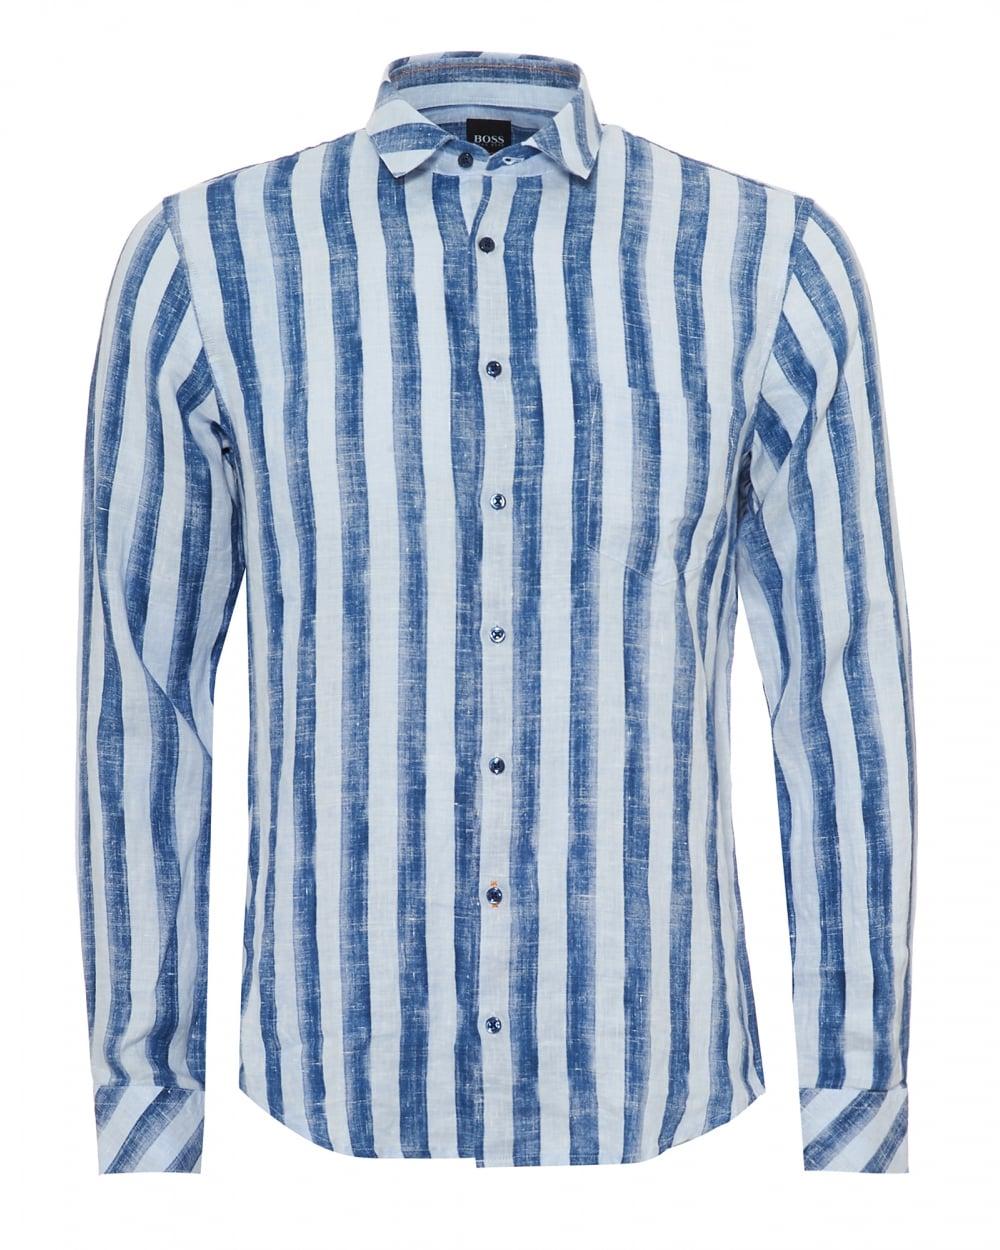 Mens Epop Linen Shirt, Broad Vertical Stripe Navy Blue Sky Shirt